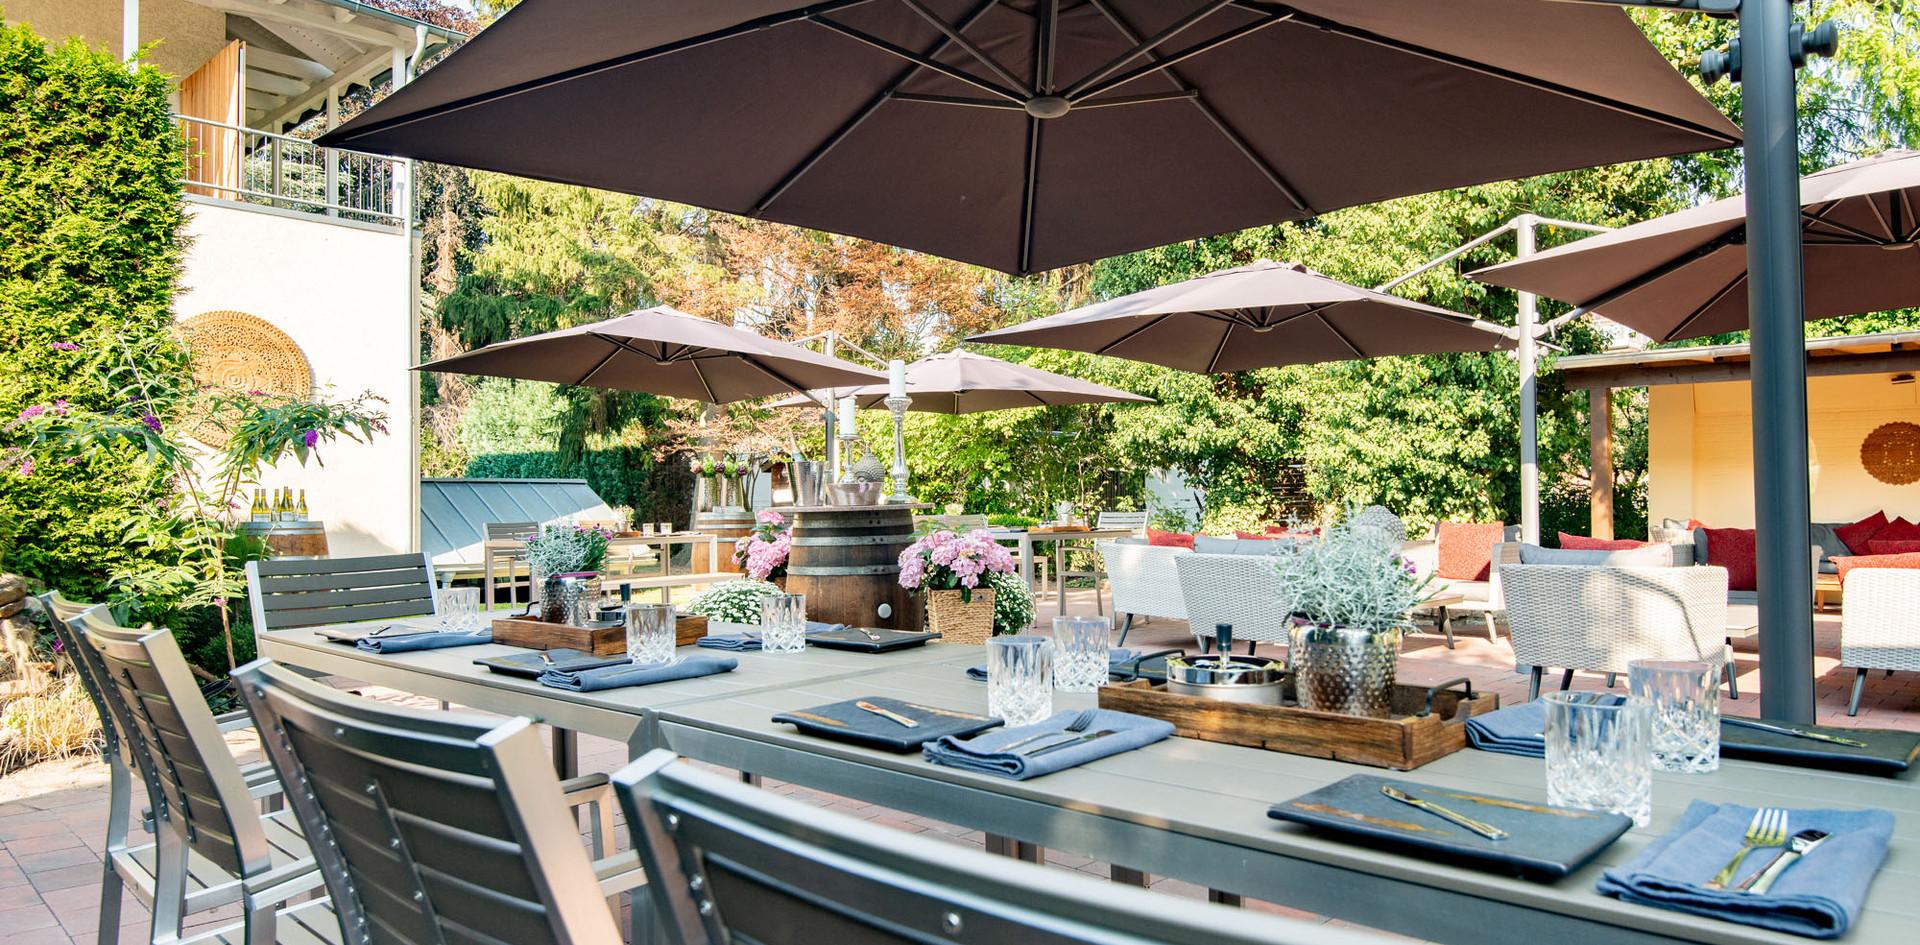 Eingedeckter Tisch zum Feiern Hotelgarten Wegner